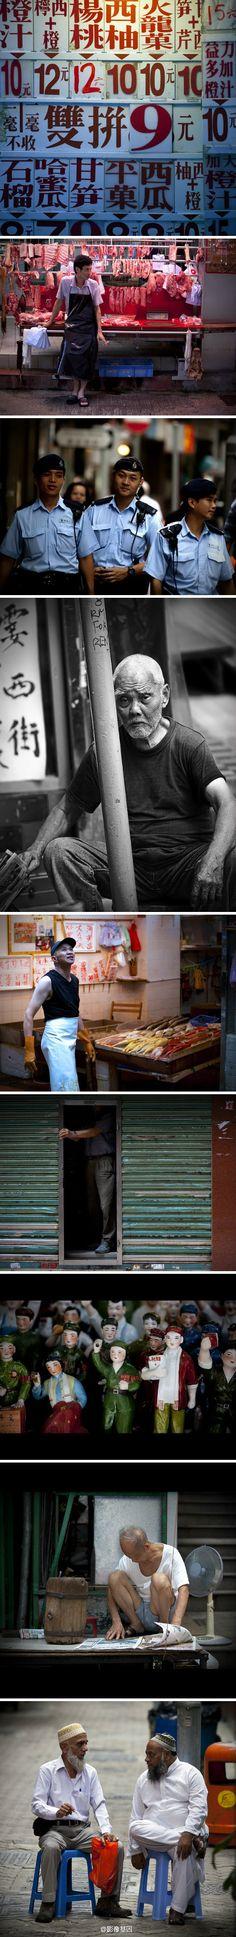 great photos of HK life